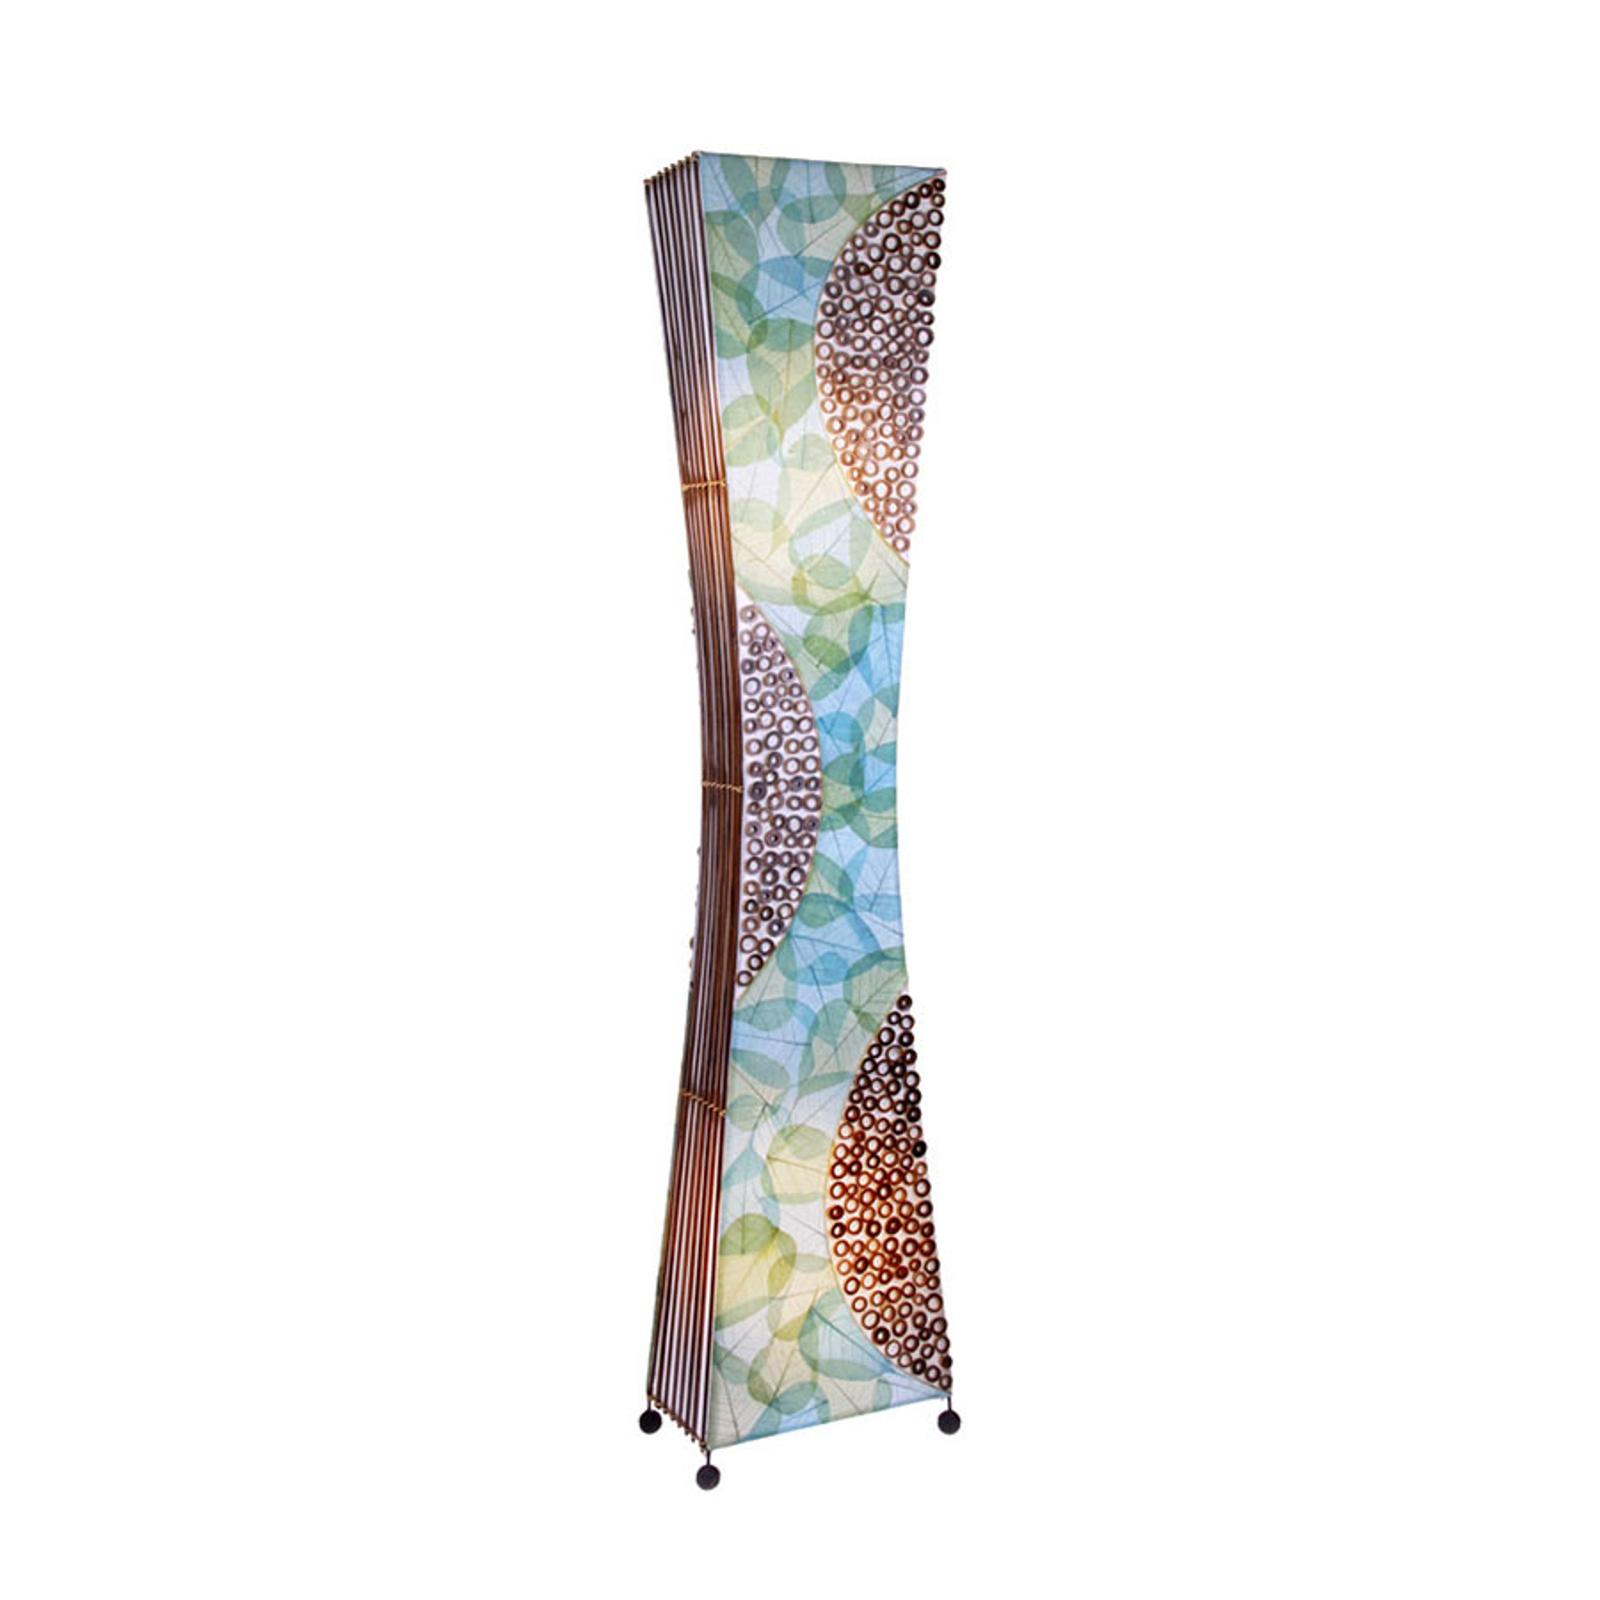 Stehleuchte Talia, handgefertigt, 150 cm